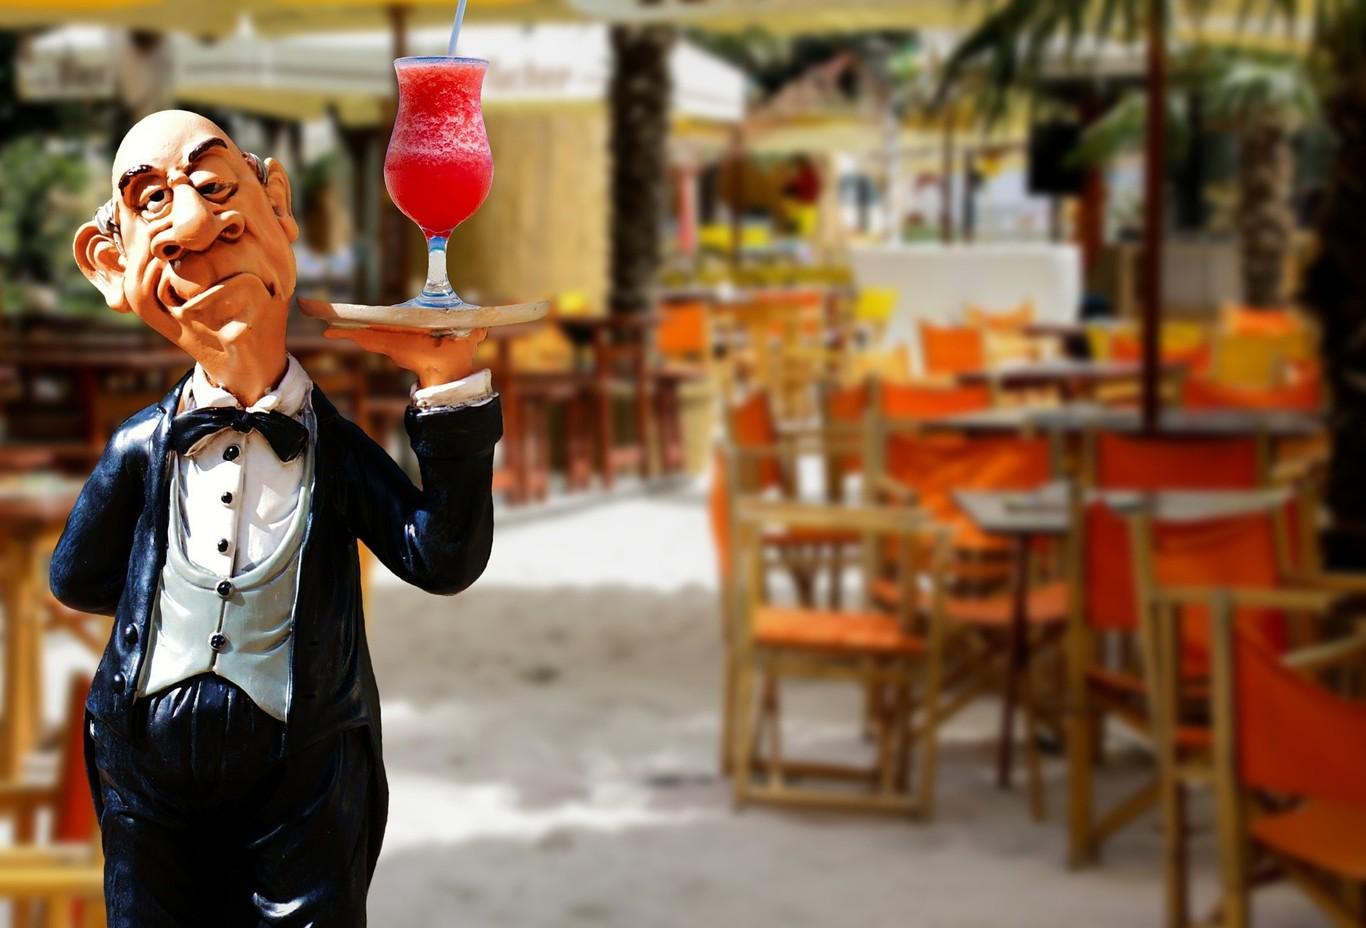 La vida del camarero resumida en 13 GIFS